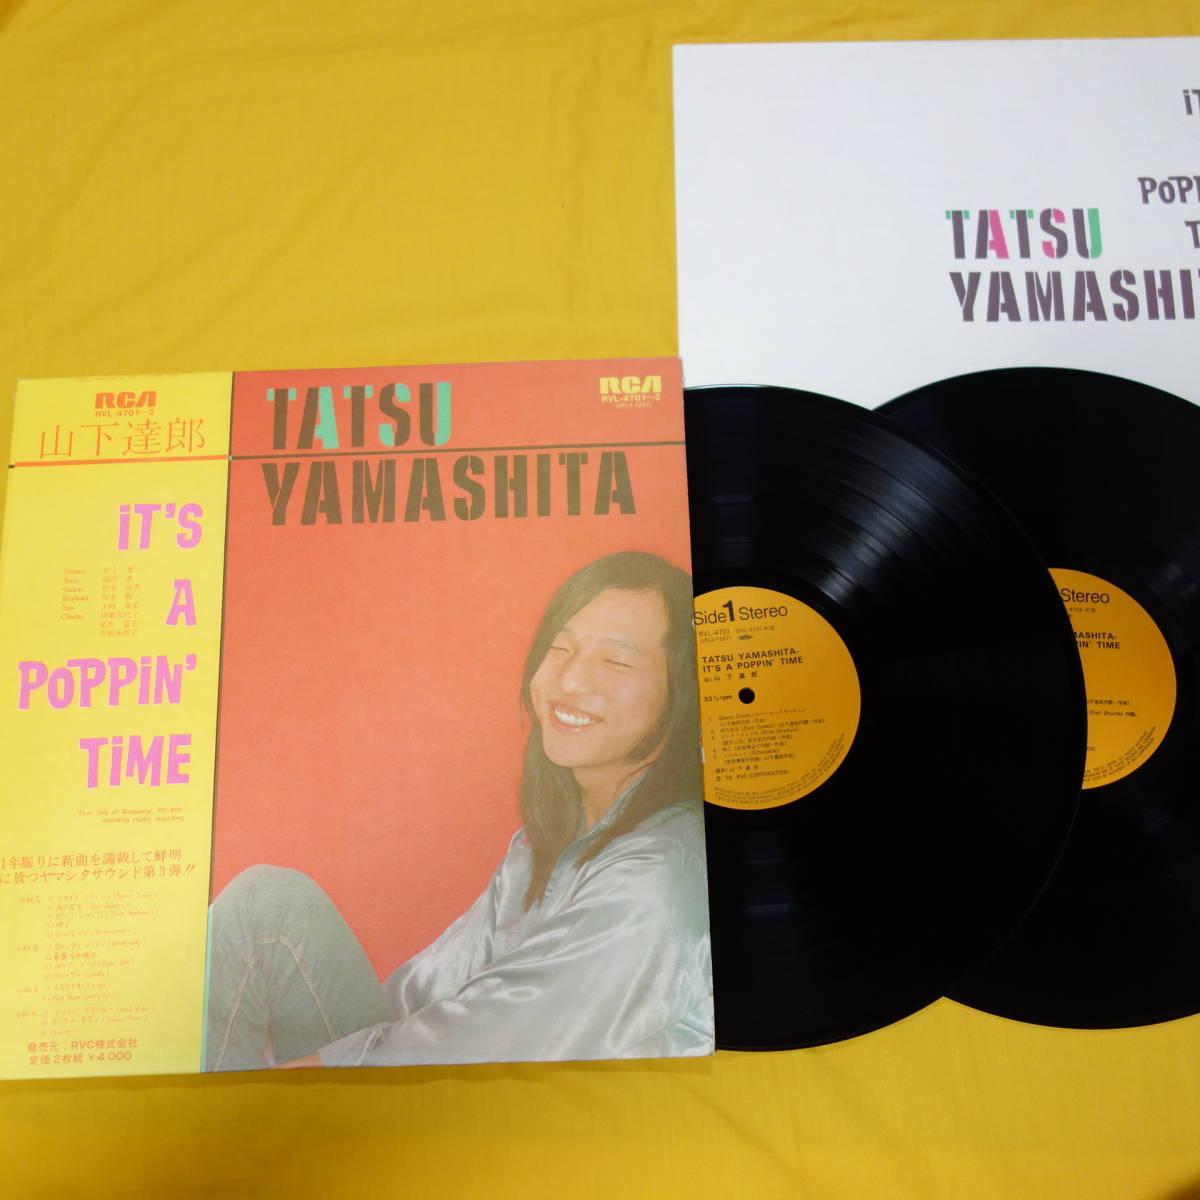 山下達郎 2枚組 RVL-4701~2 IT's A POPPIN' TIME / 帯付き 歌詞カード付き LP レコード アナログ盤 シティーポップ